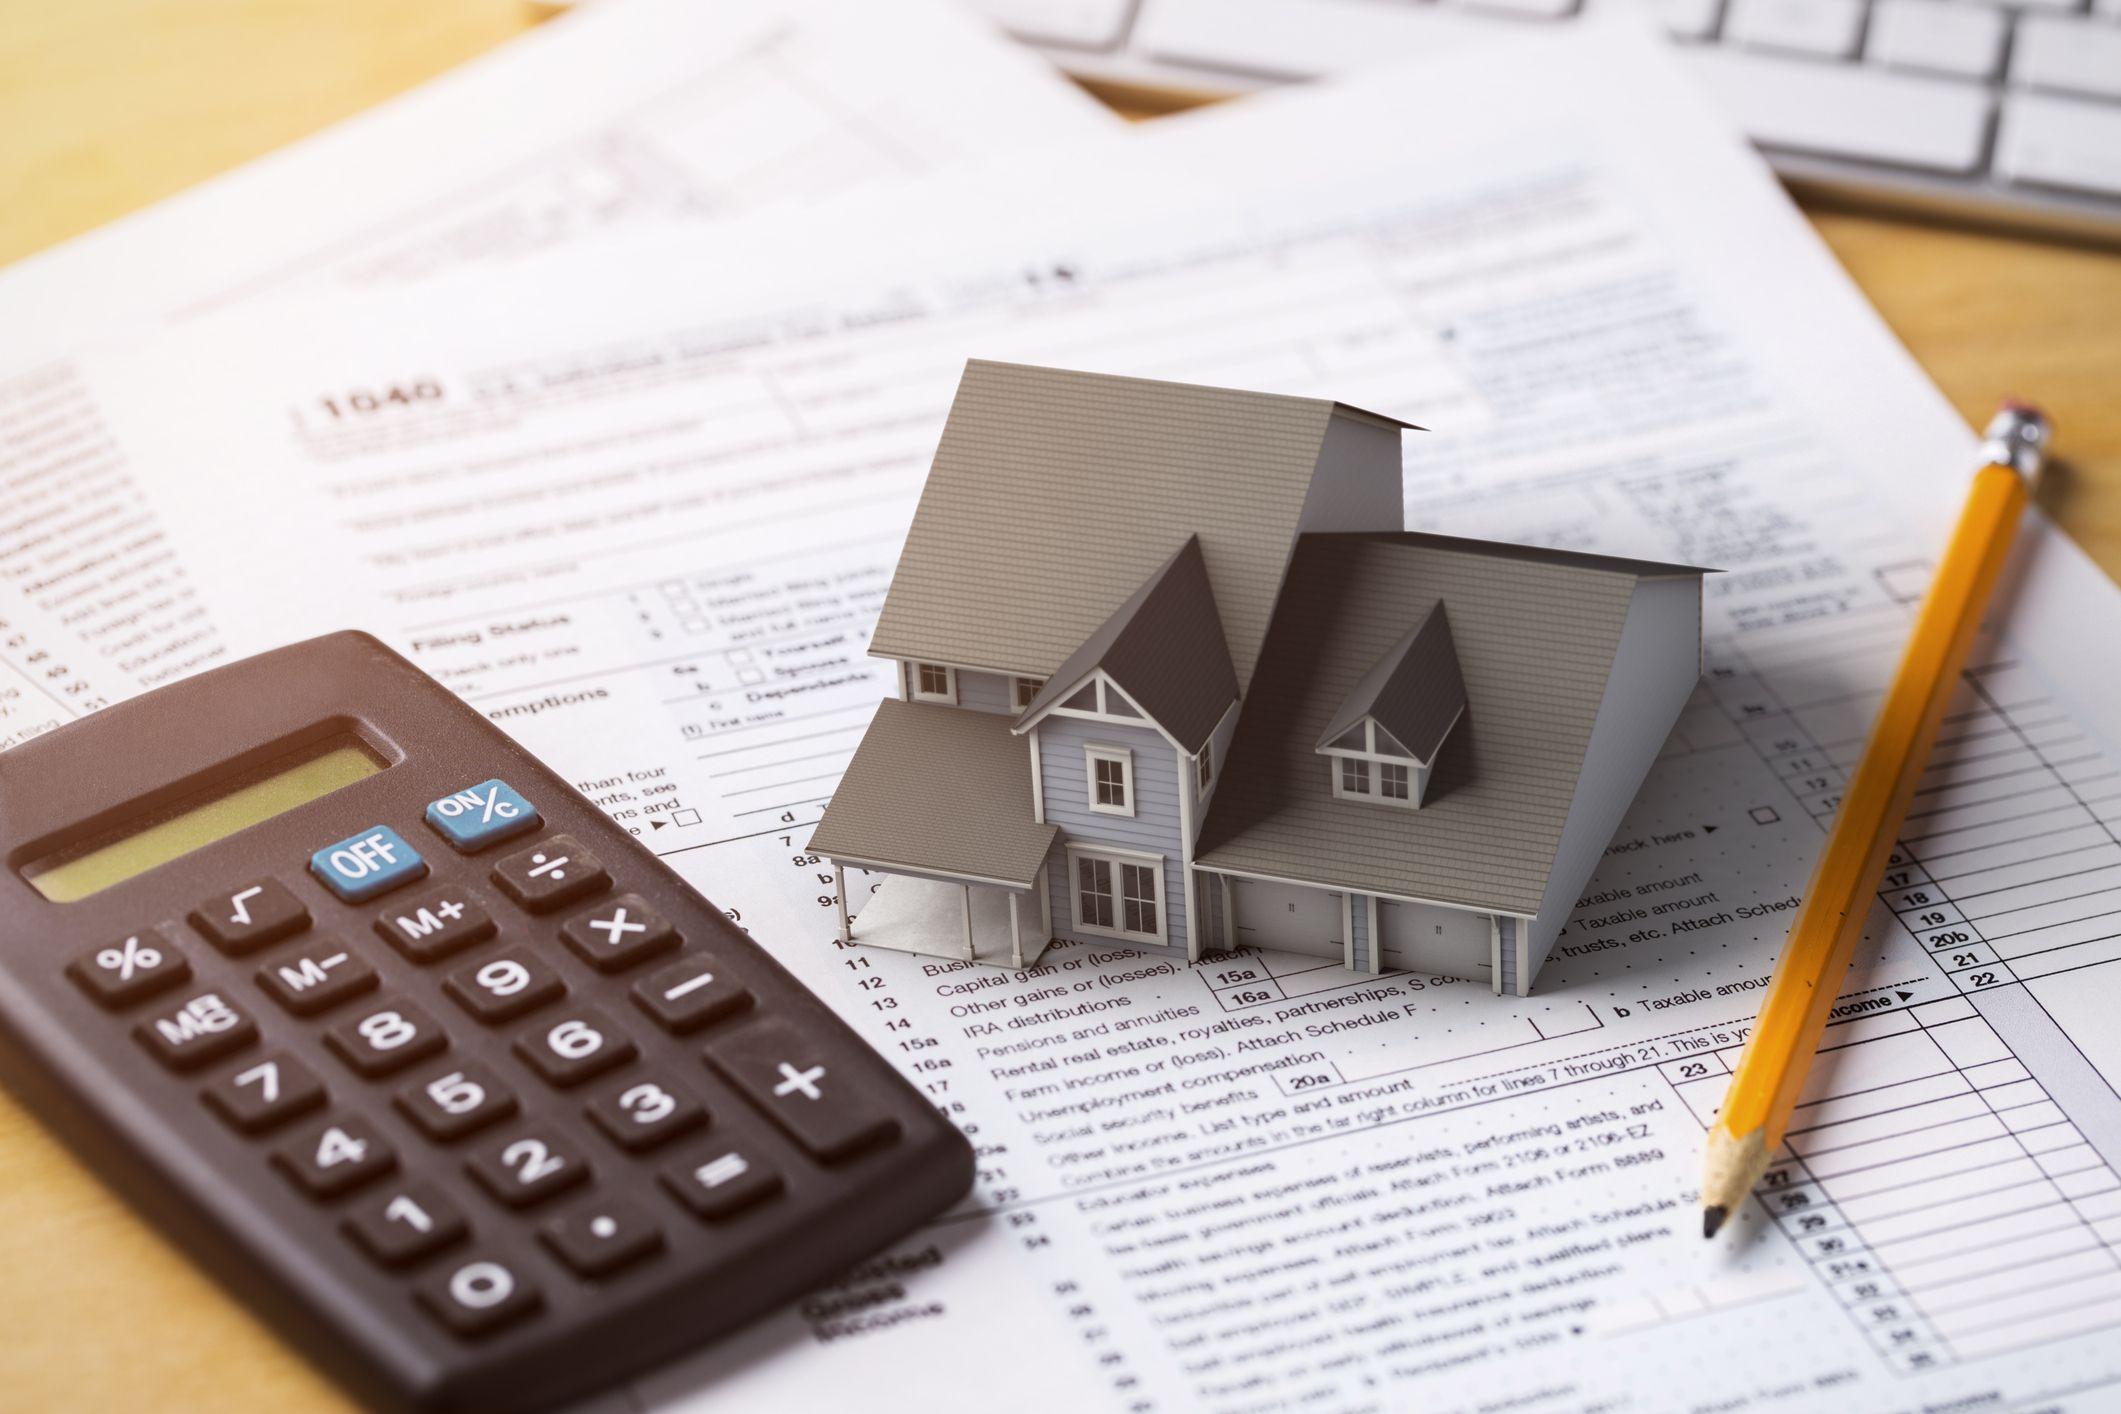 Las hipotecas a interés fijo suelen tener una comisión de apertura un poco más cara y pueden incluir una compensación adicional: la de riesgo de tipo de interés.